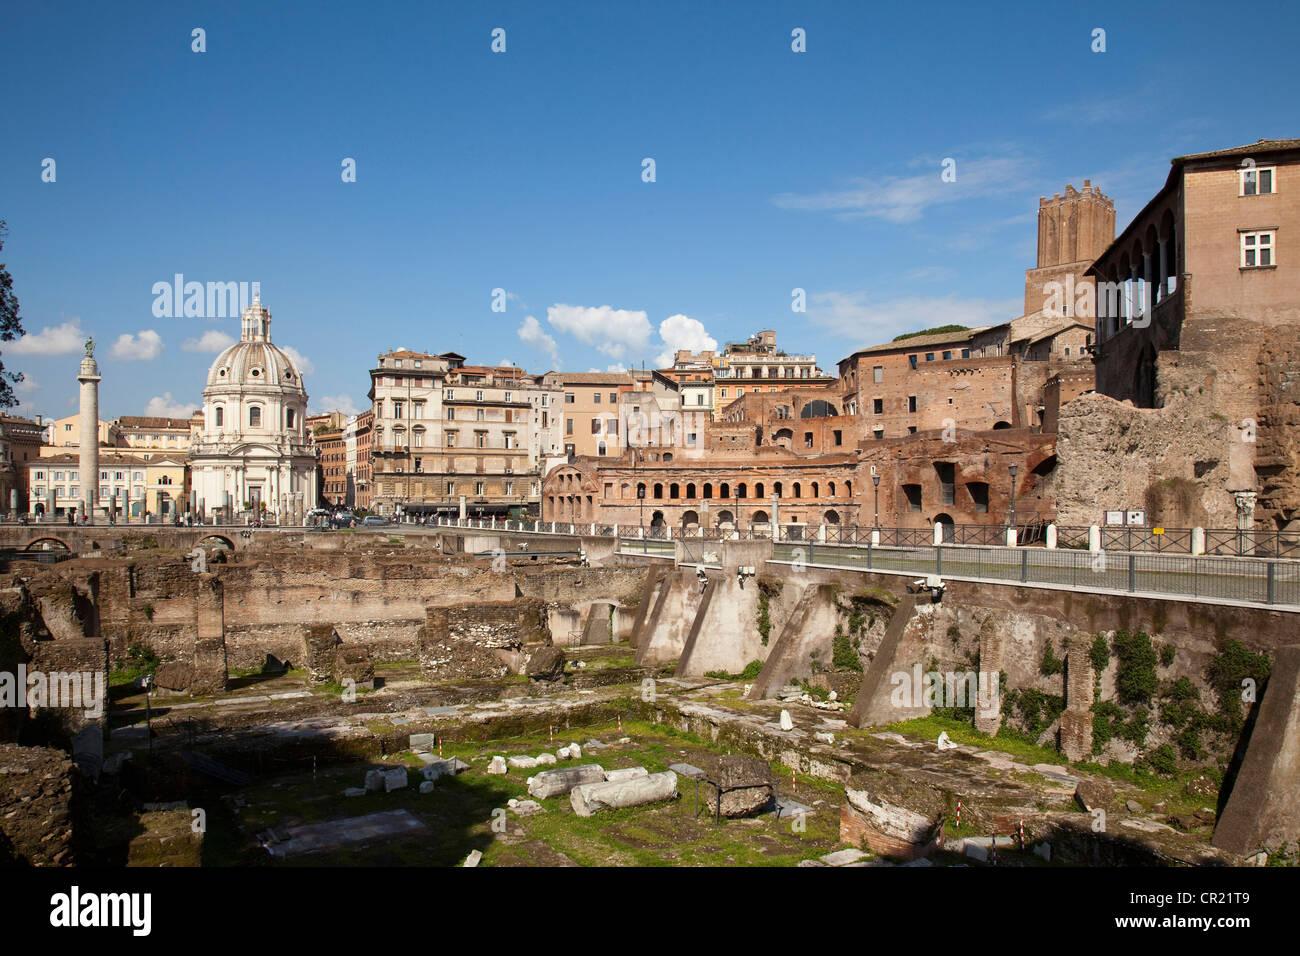 Alte Ruinen in Rom Stockbild